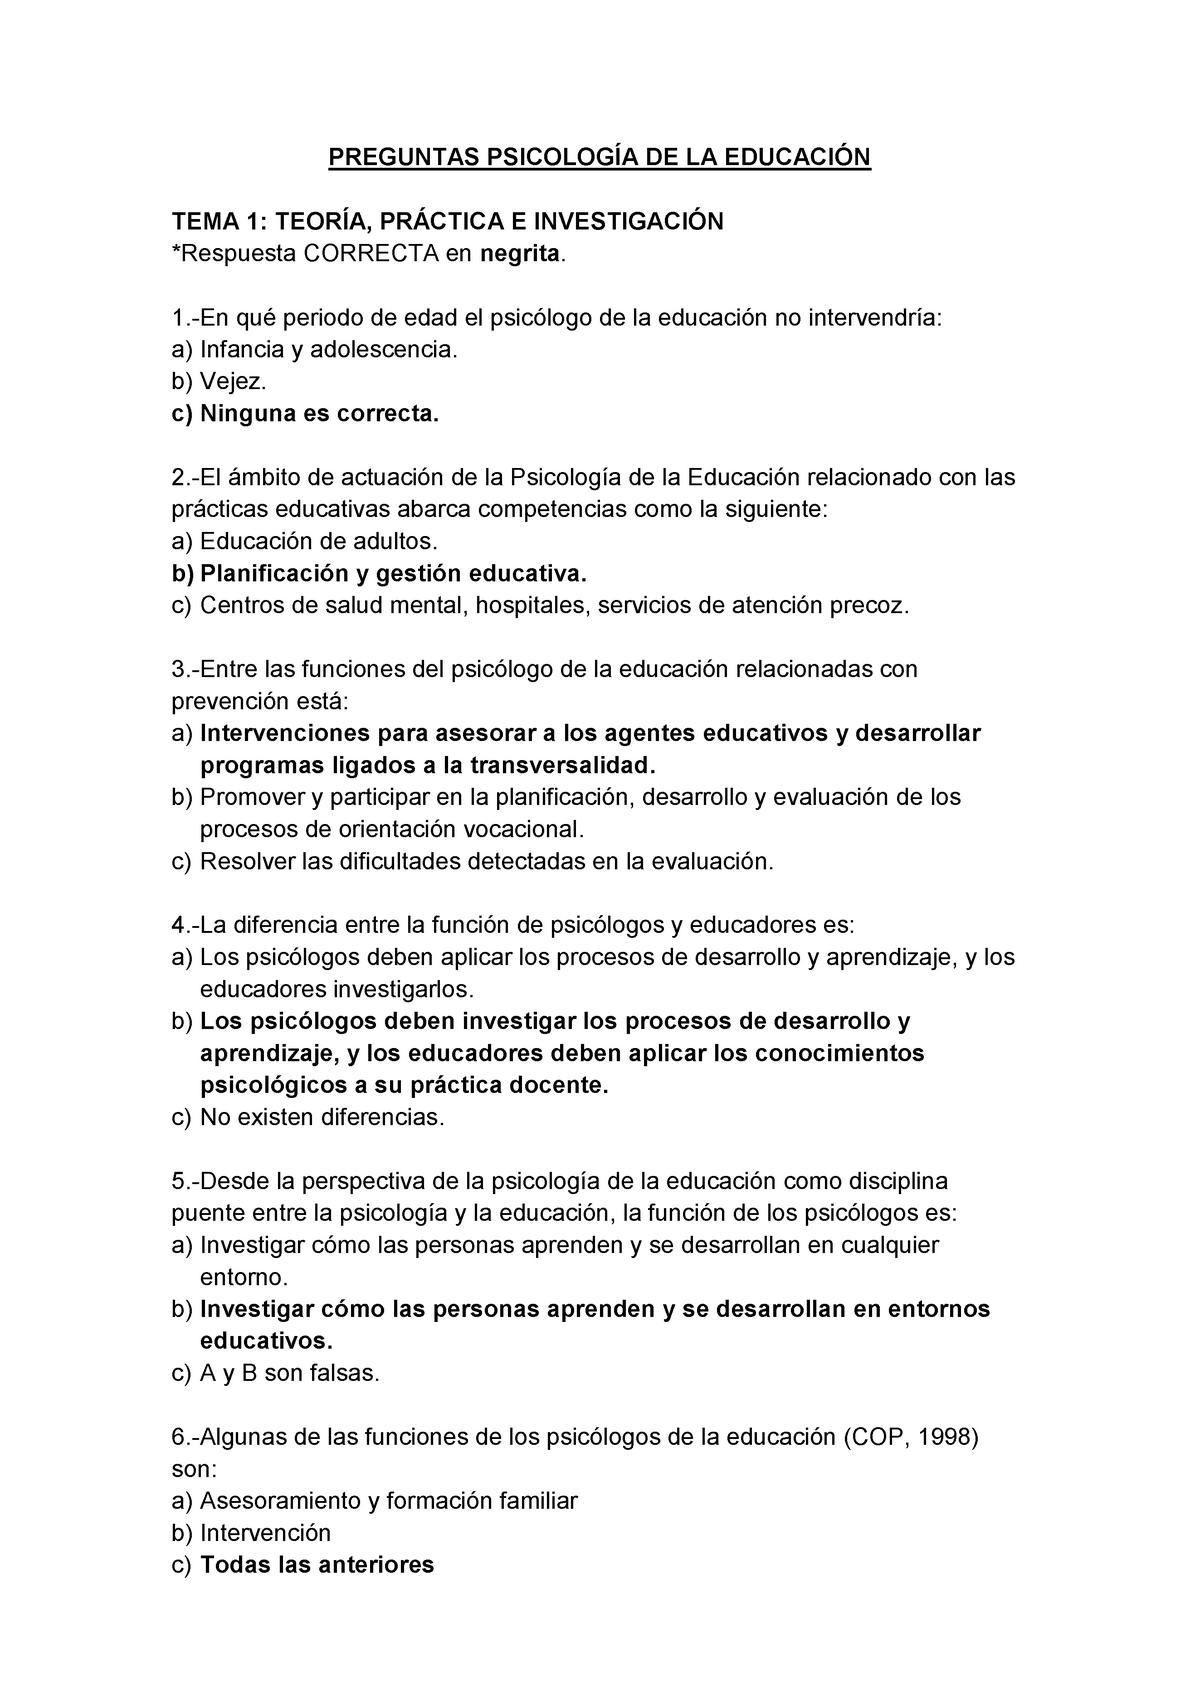 Preguntas De Repaso Pdl27 Umh Studocu